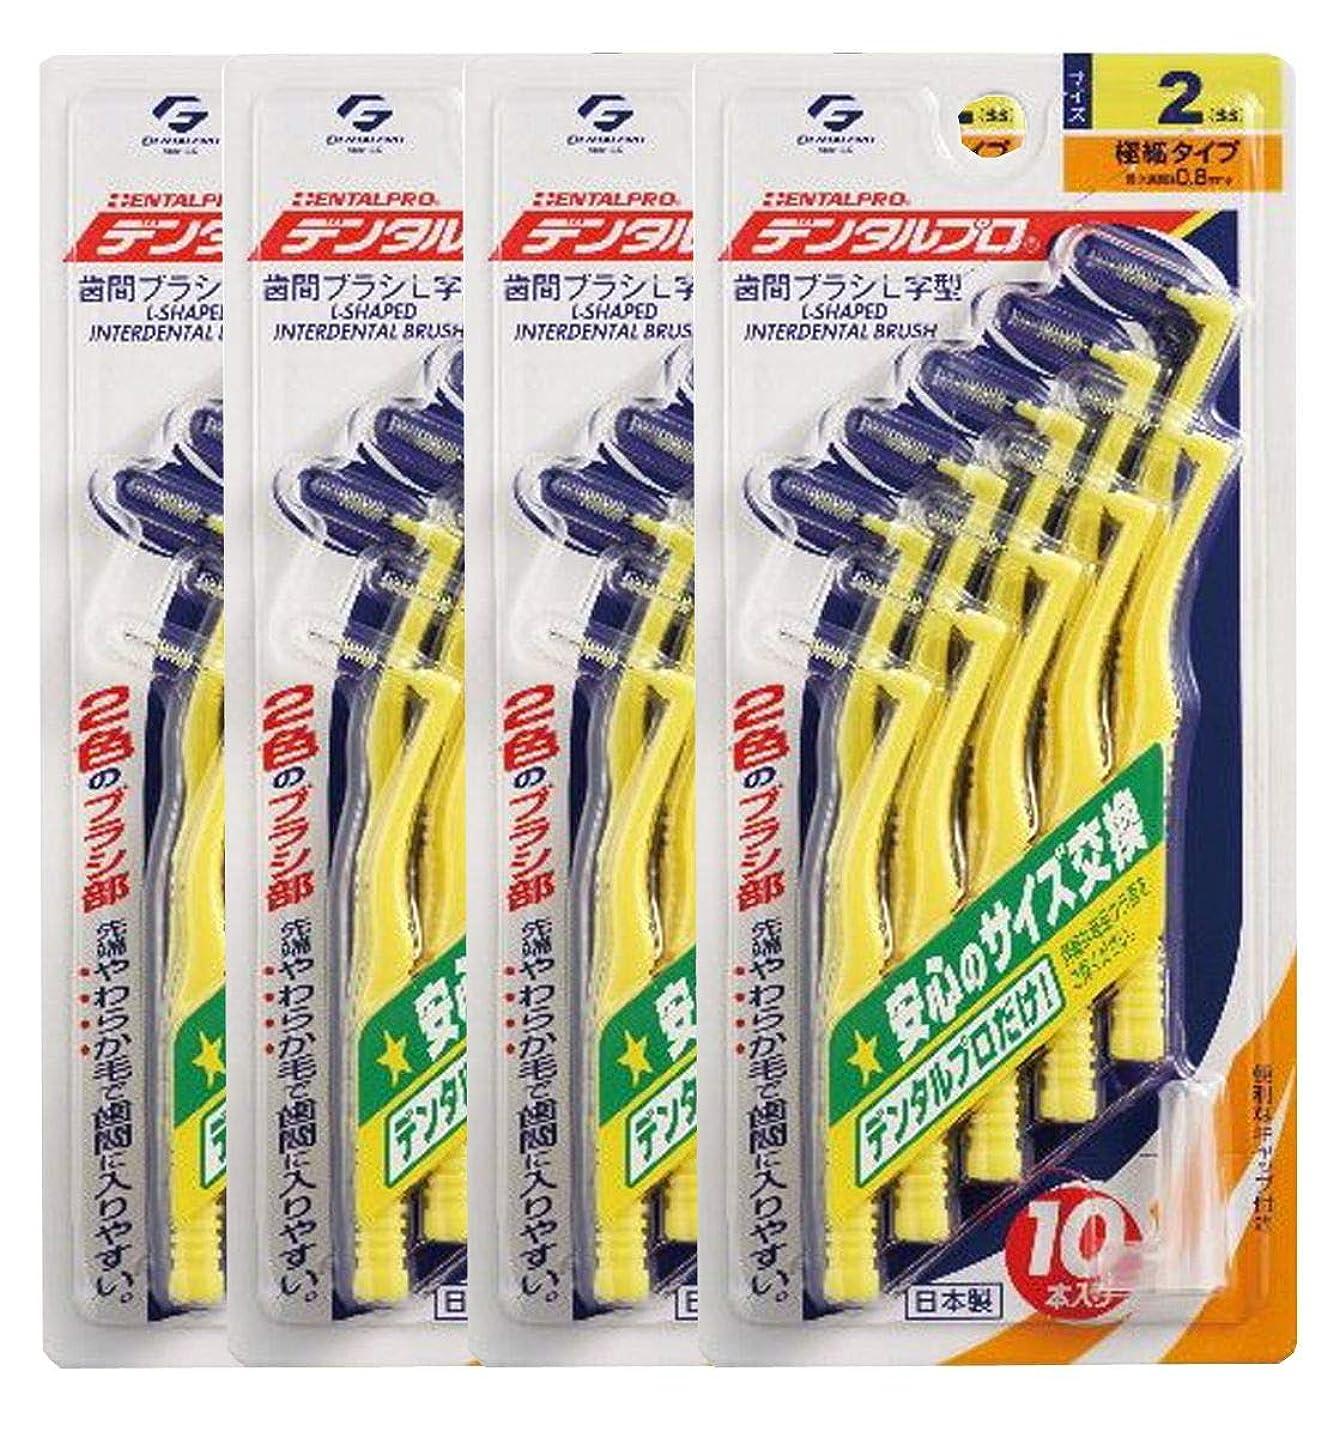 請負業者弱点後悔デンタルプロ 歯間ブラシ L字型 10本入 サイズ 2 (SS) × 4個セット